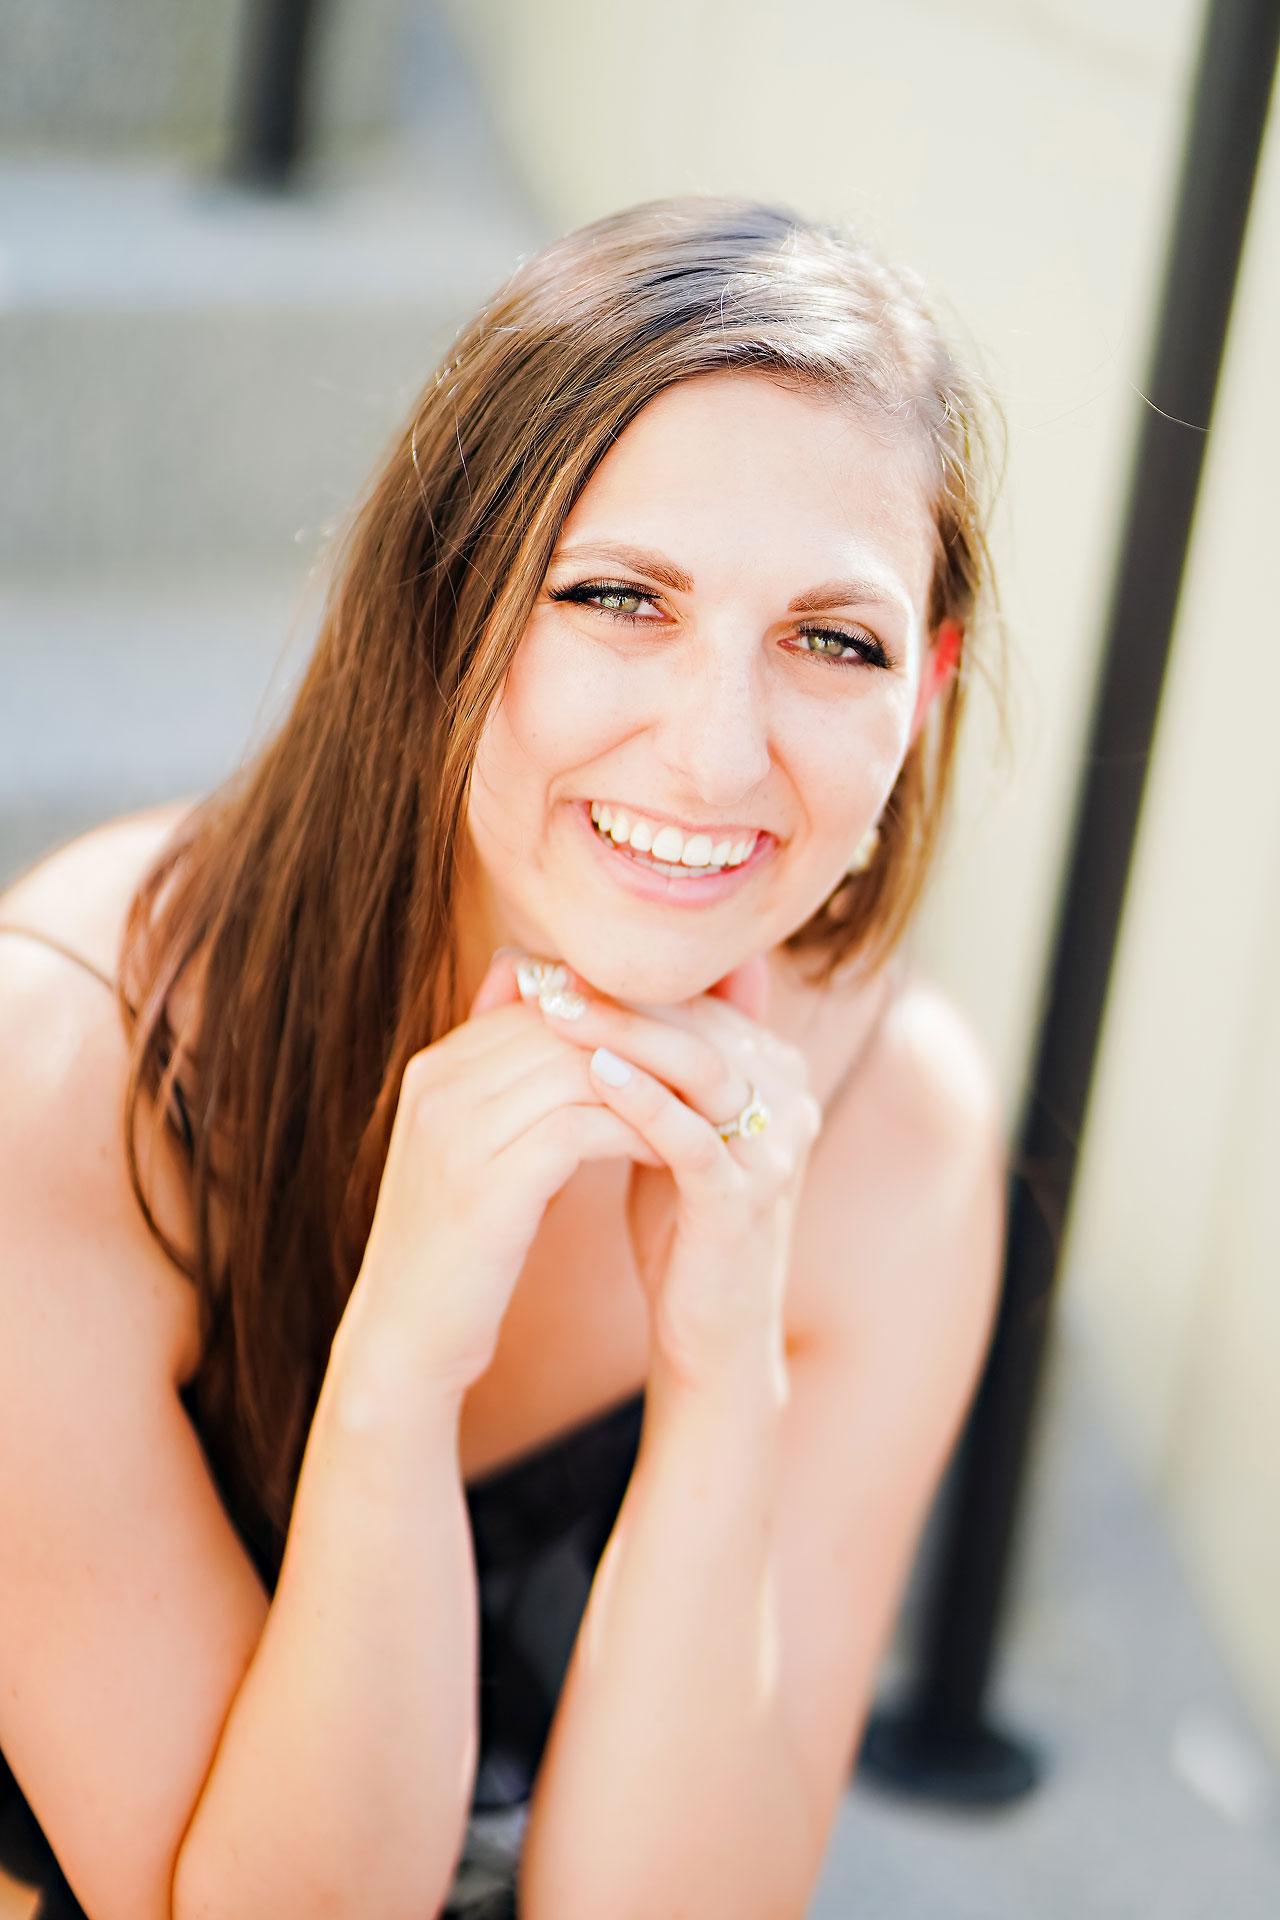 Allison Ben Bottleworks Indianapolis Engagement Session 050